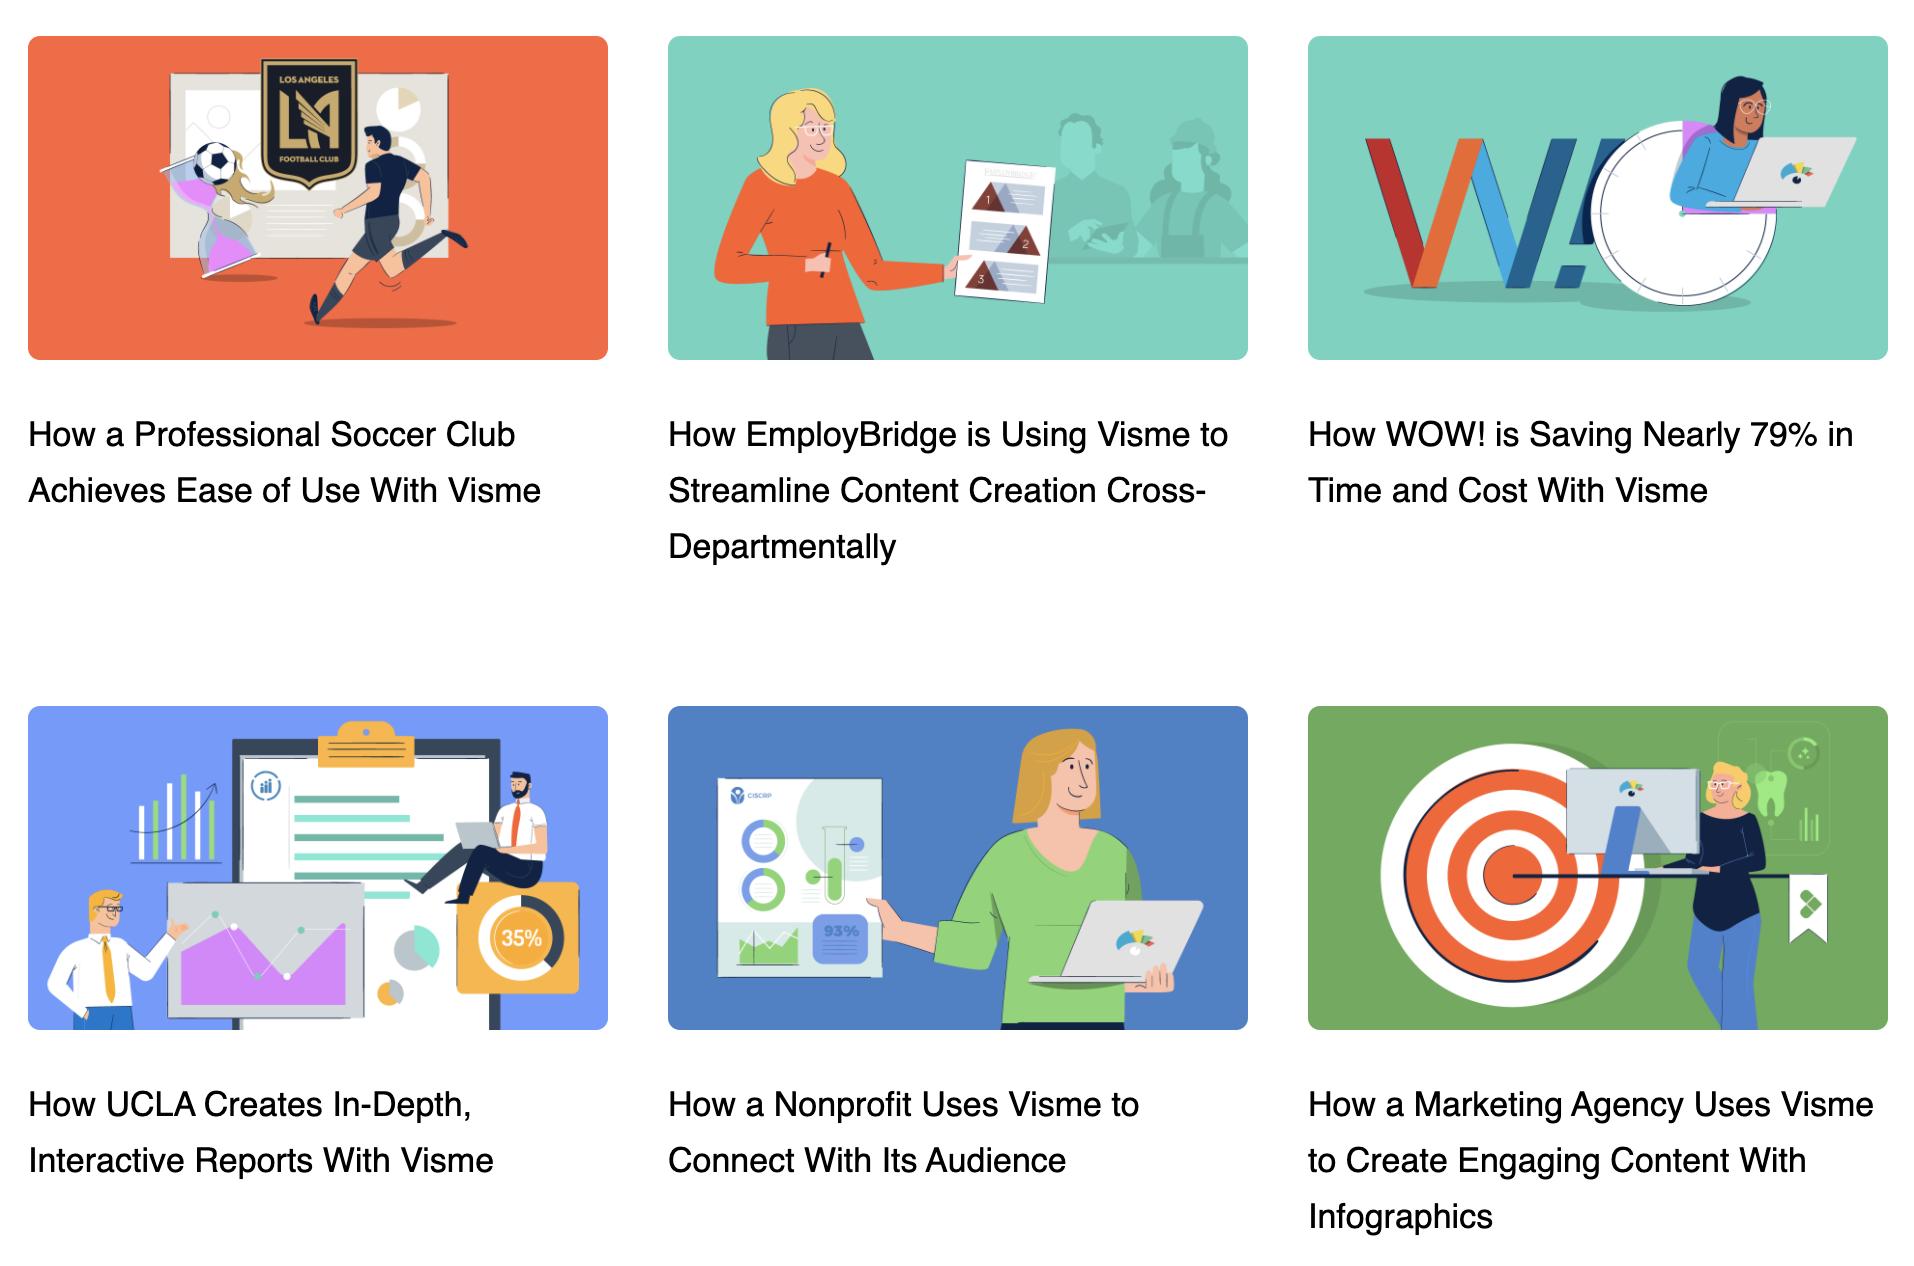 Una captura de pantalla de los estudios de caso compartidos en el blog del software de diseño gráfico Visme.